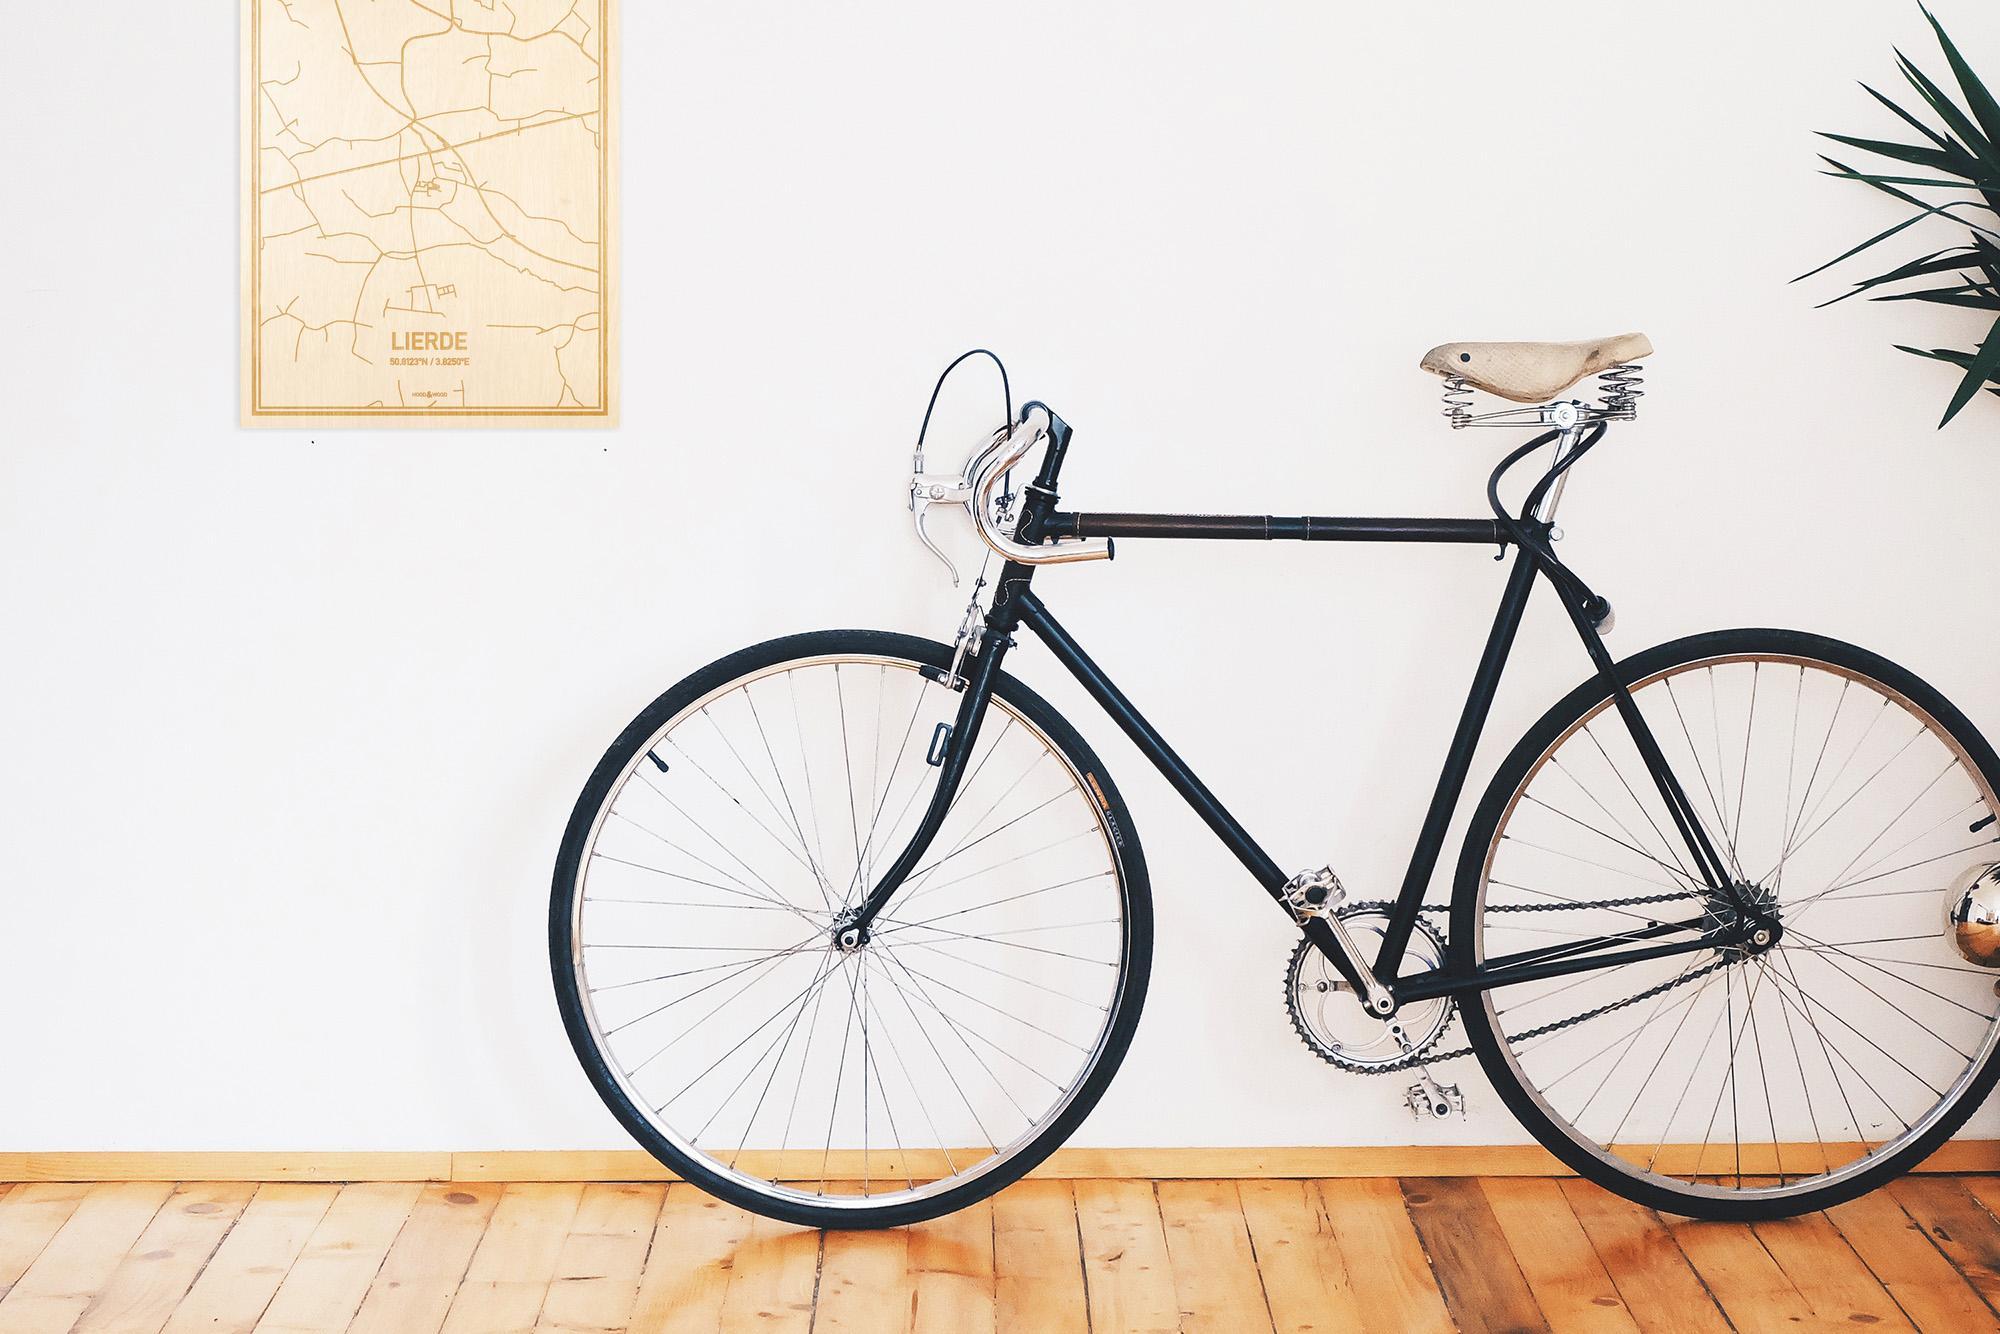 Een snelle fiets in een uniek interieur in Oost-Vlaanderen  met mooie decoratie zoals de plattegrond Lierde.